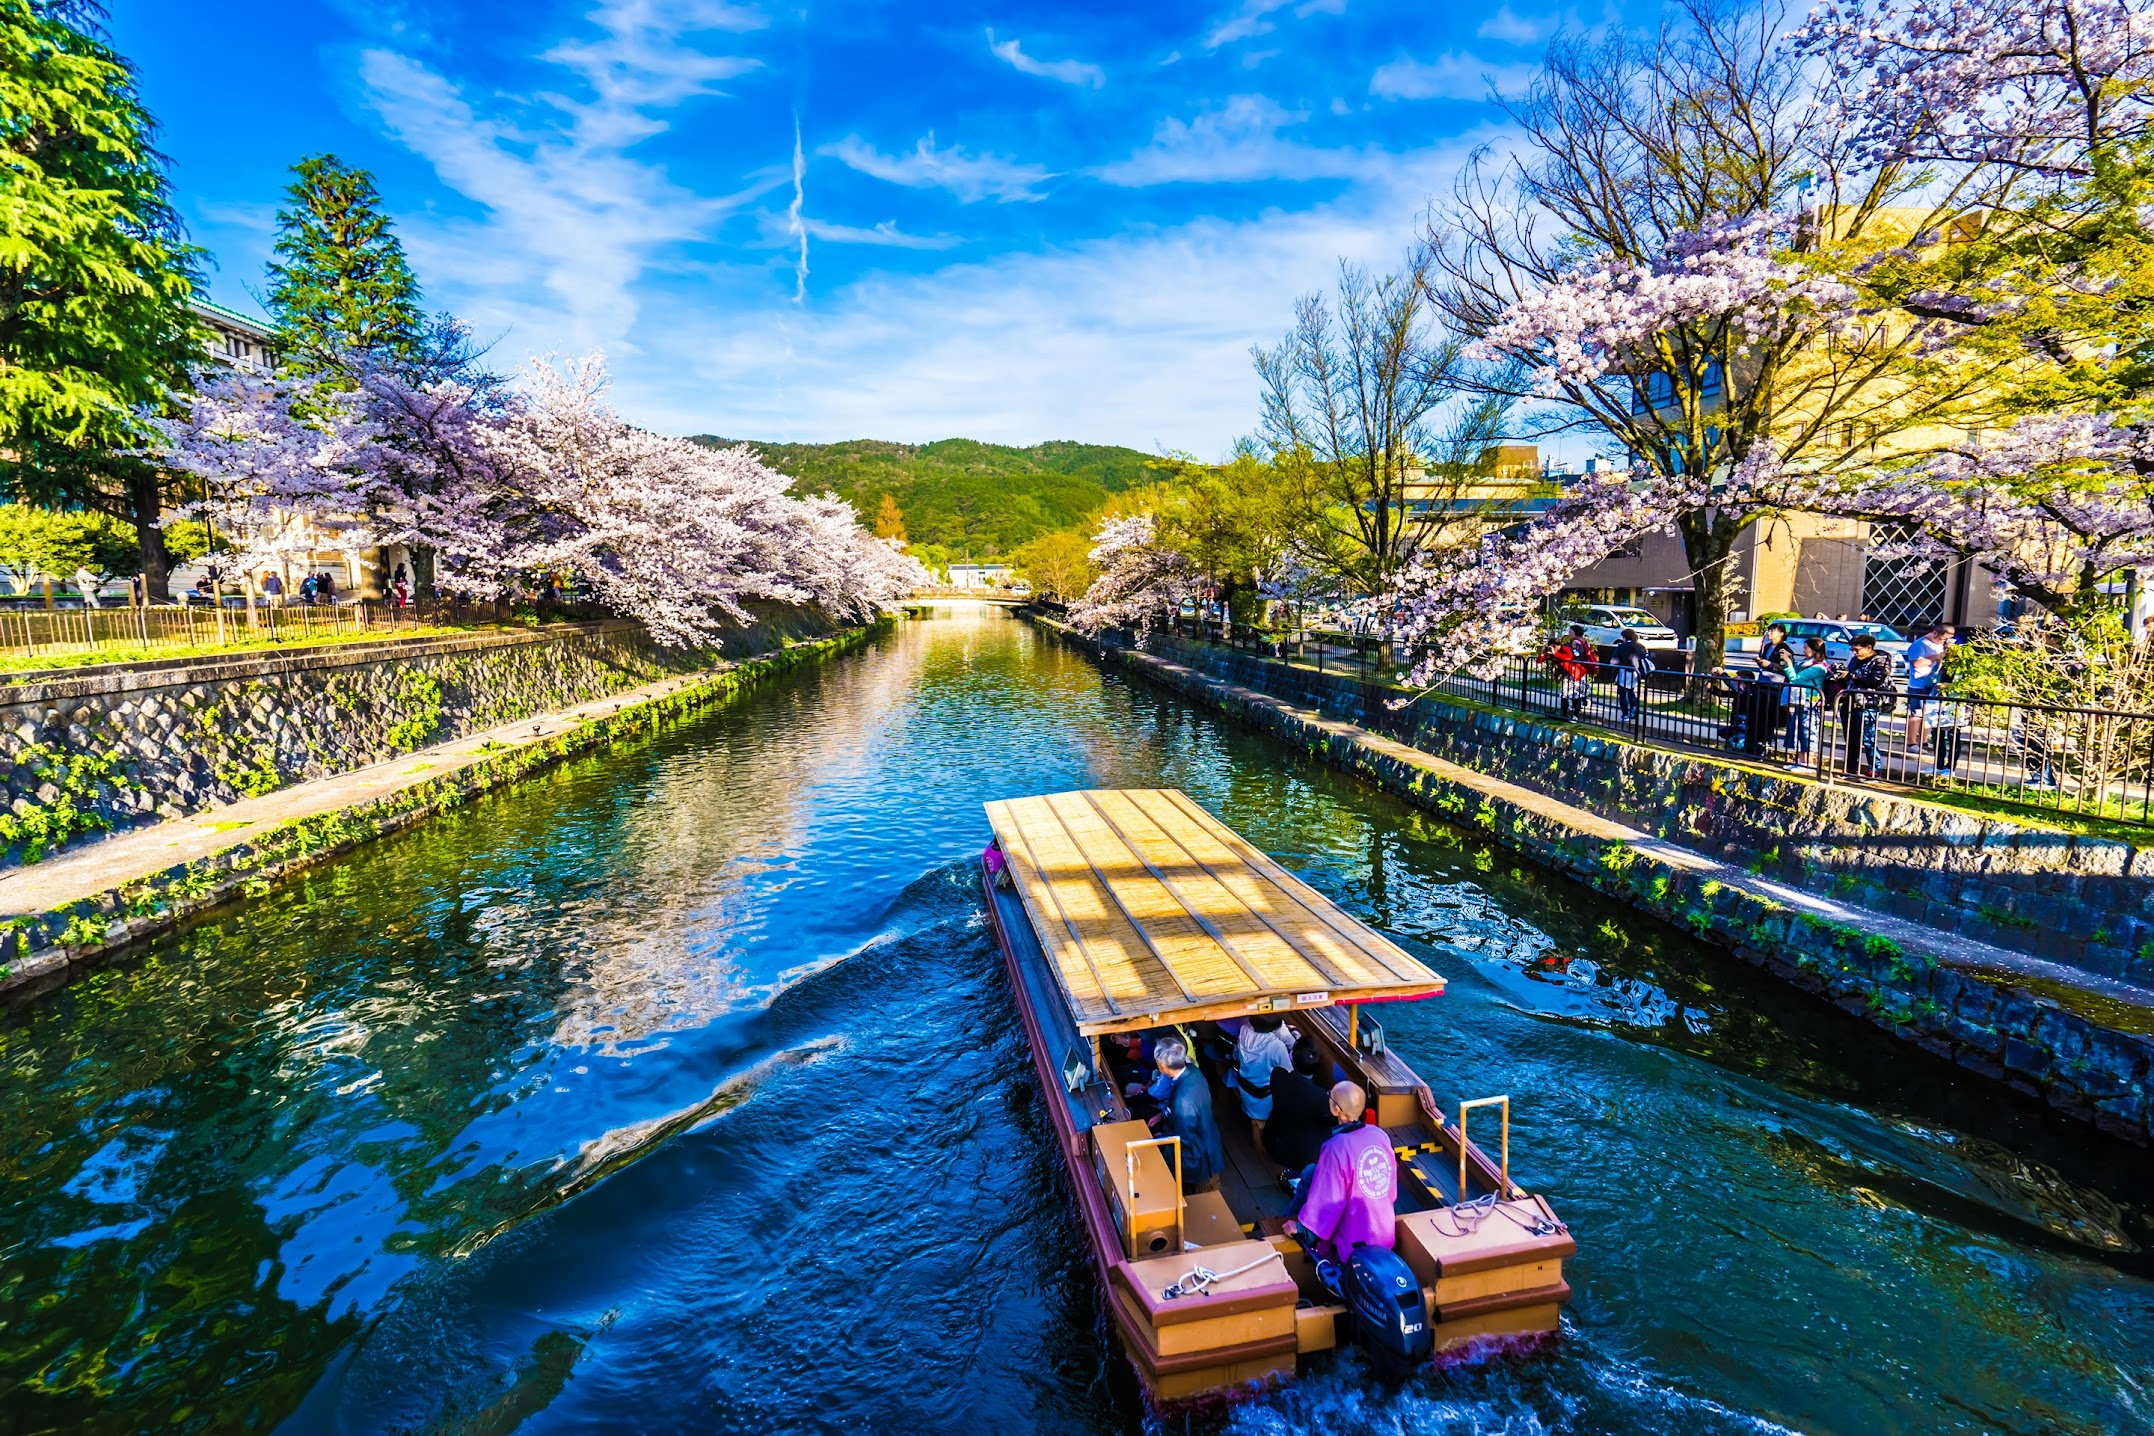 京都 岡崎 琵琶湖疎水 桜2